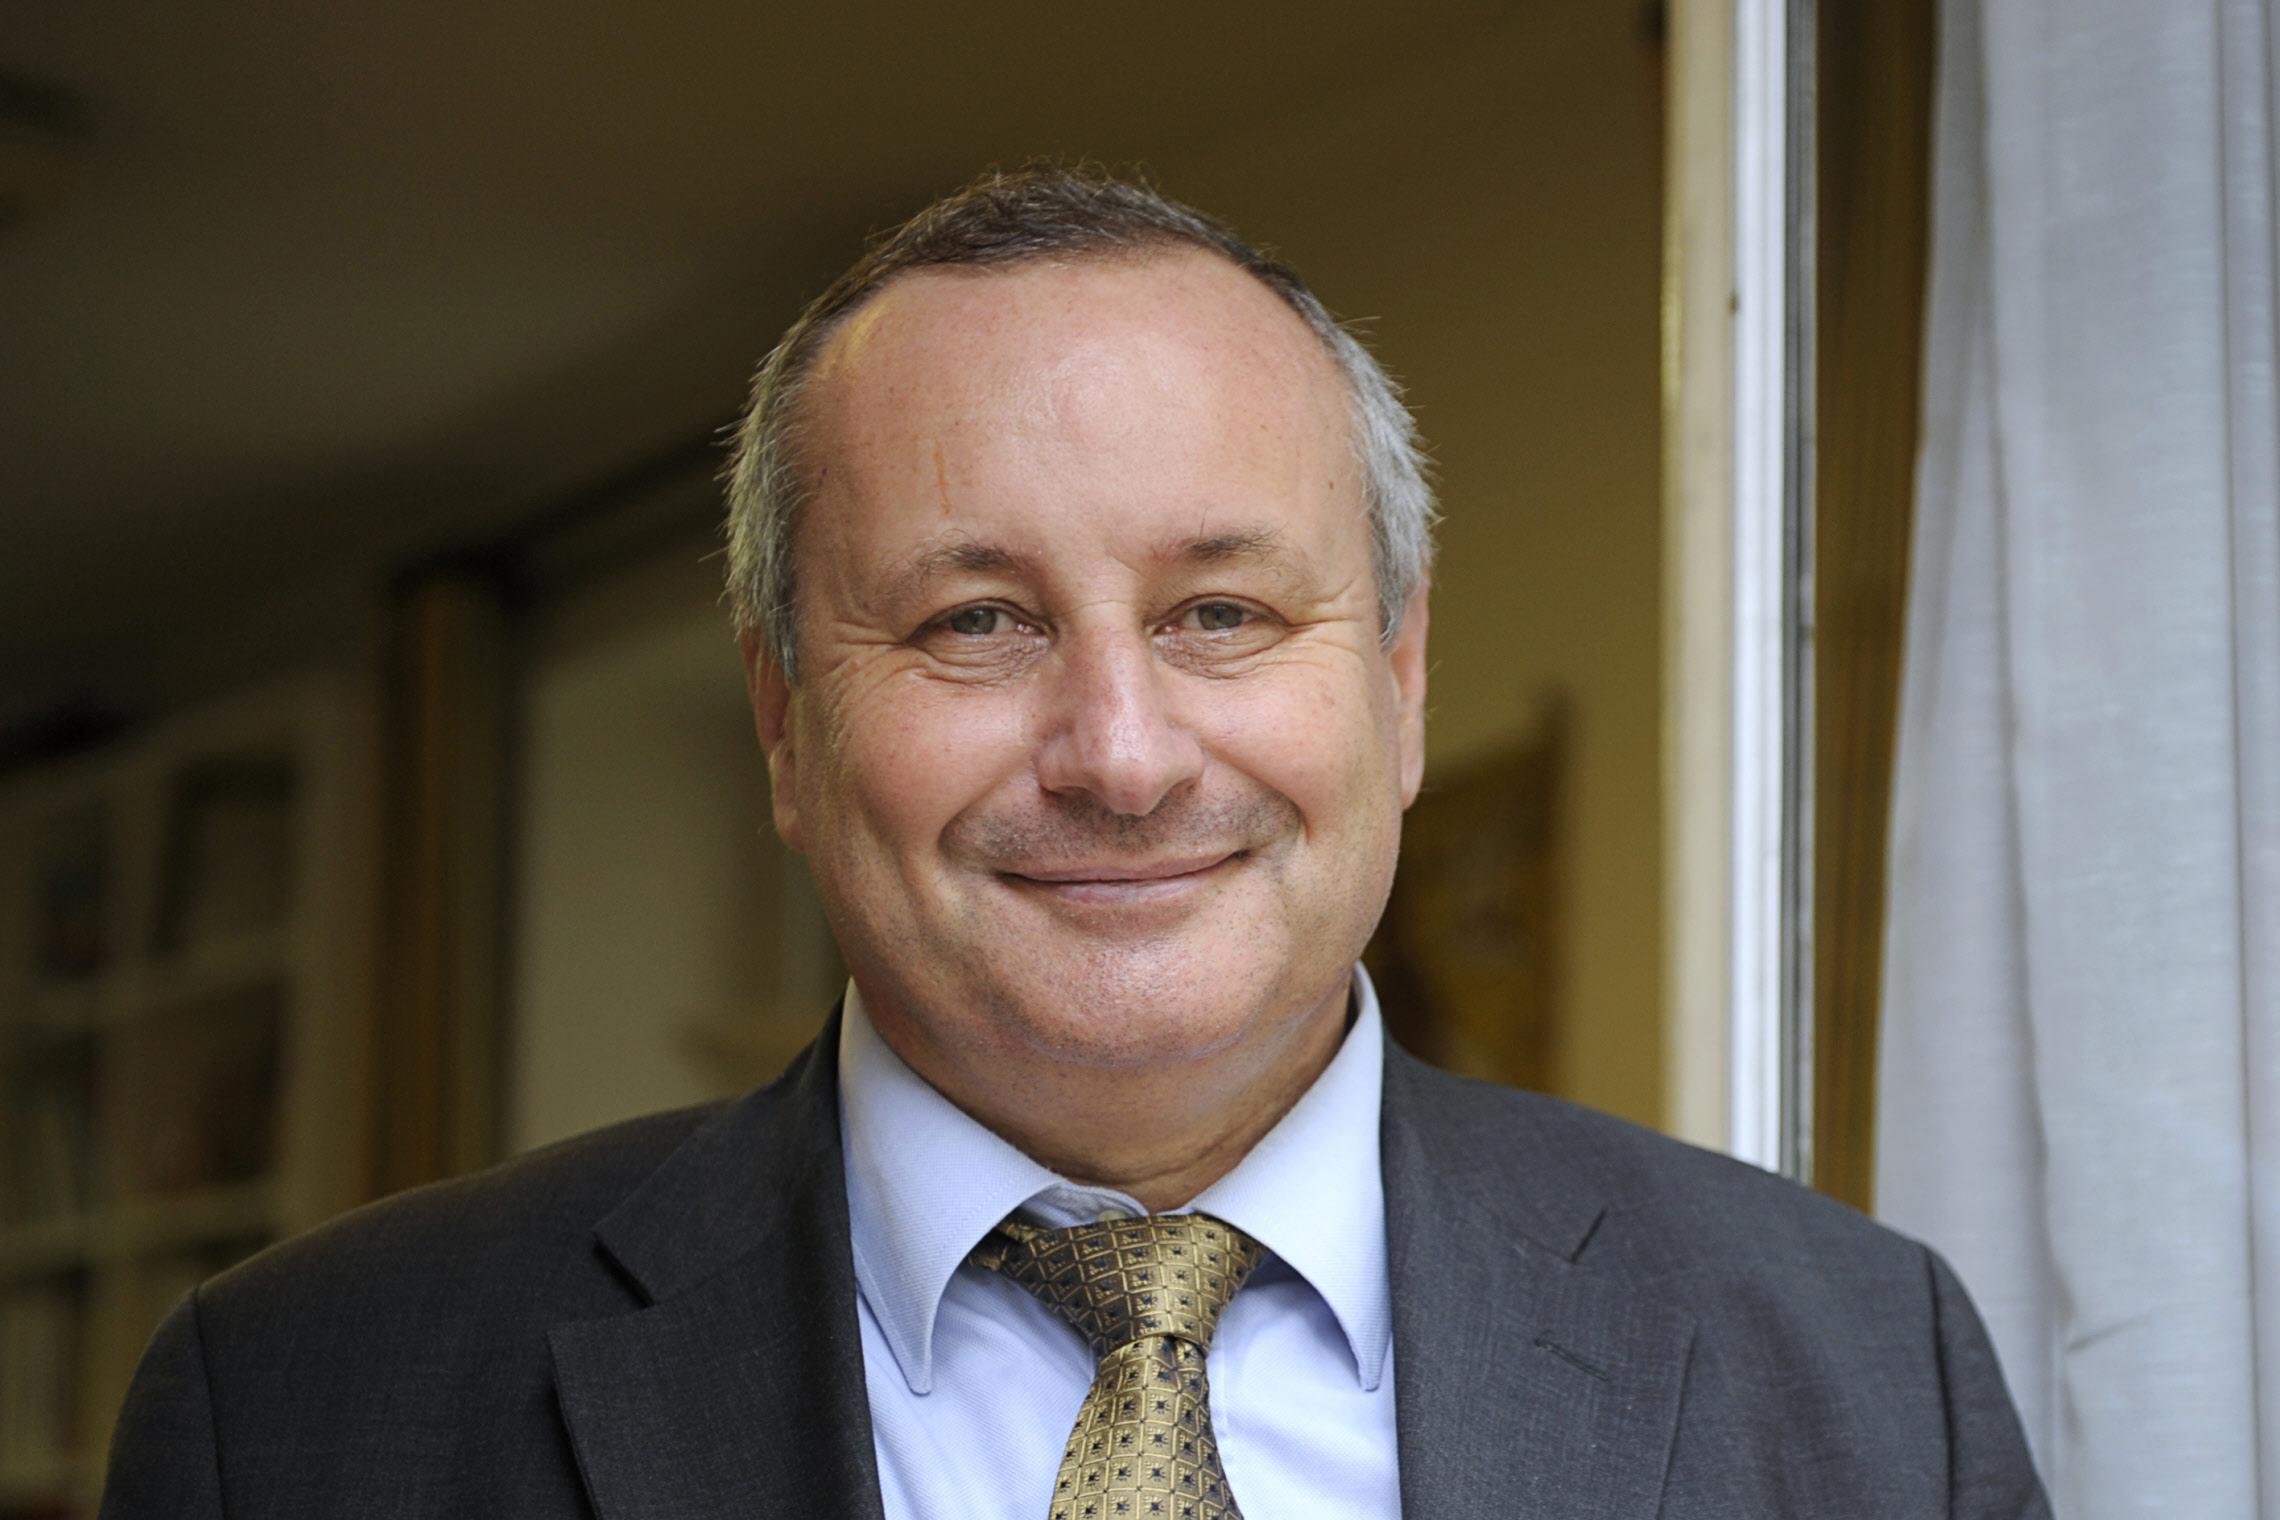 4 novembre 2010: Philippe de LACHAPELLE, Président de l'OCH (Office chrétien des personnes handicapées), Paris (75), France.